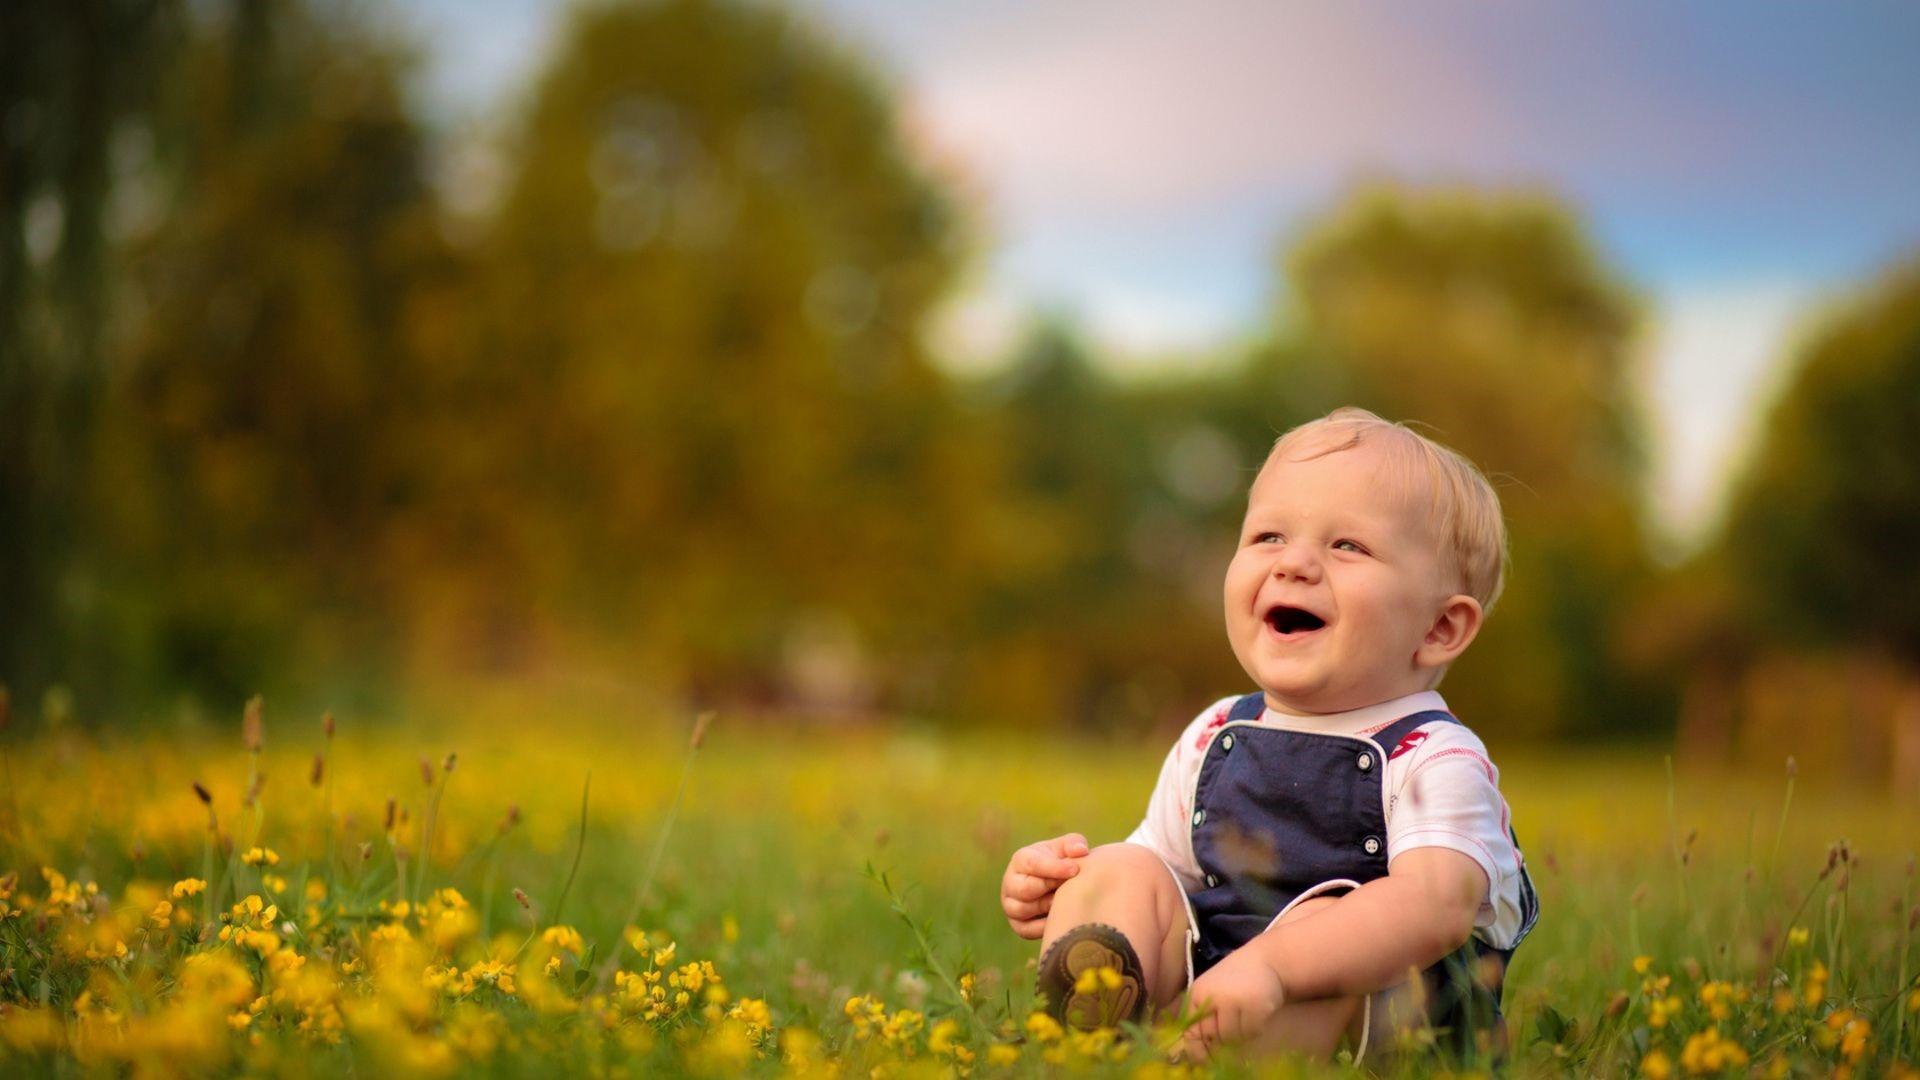 Bebek Fotoları indir